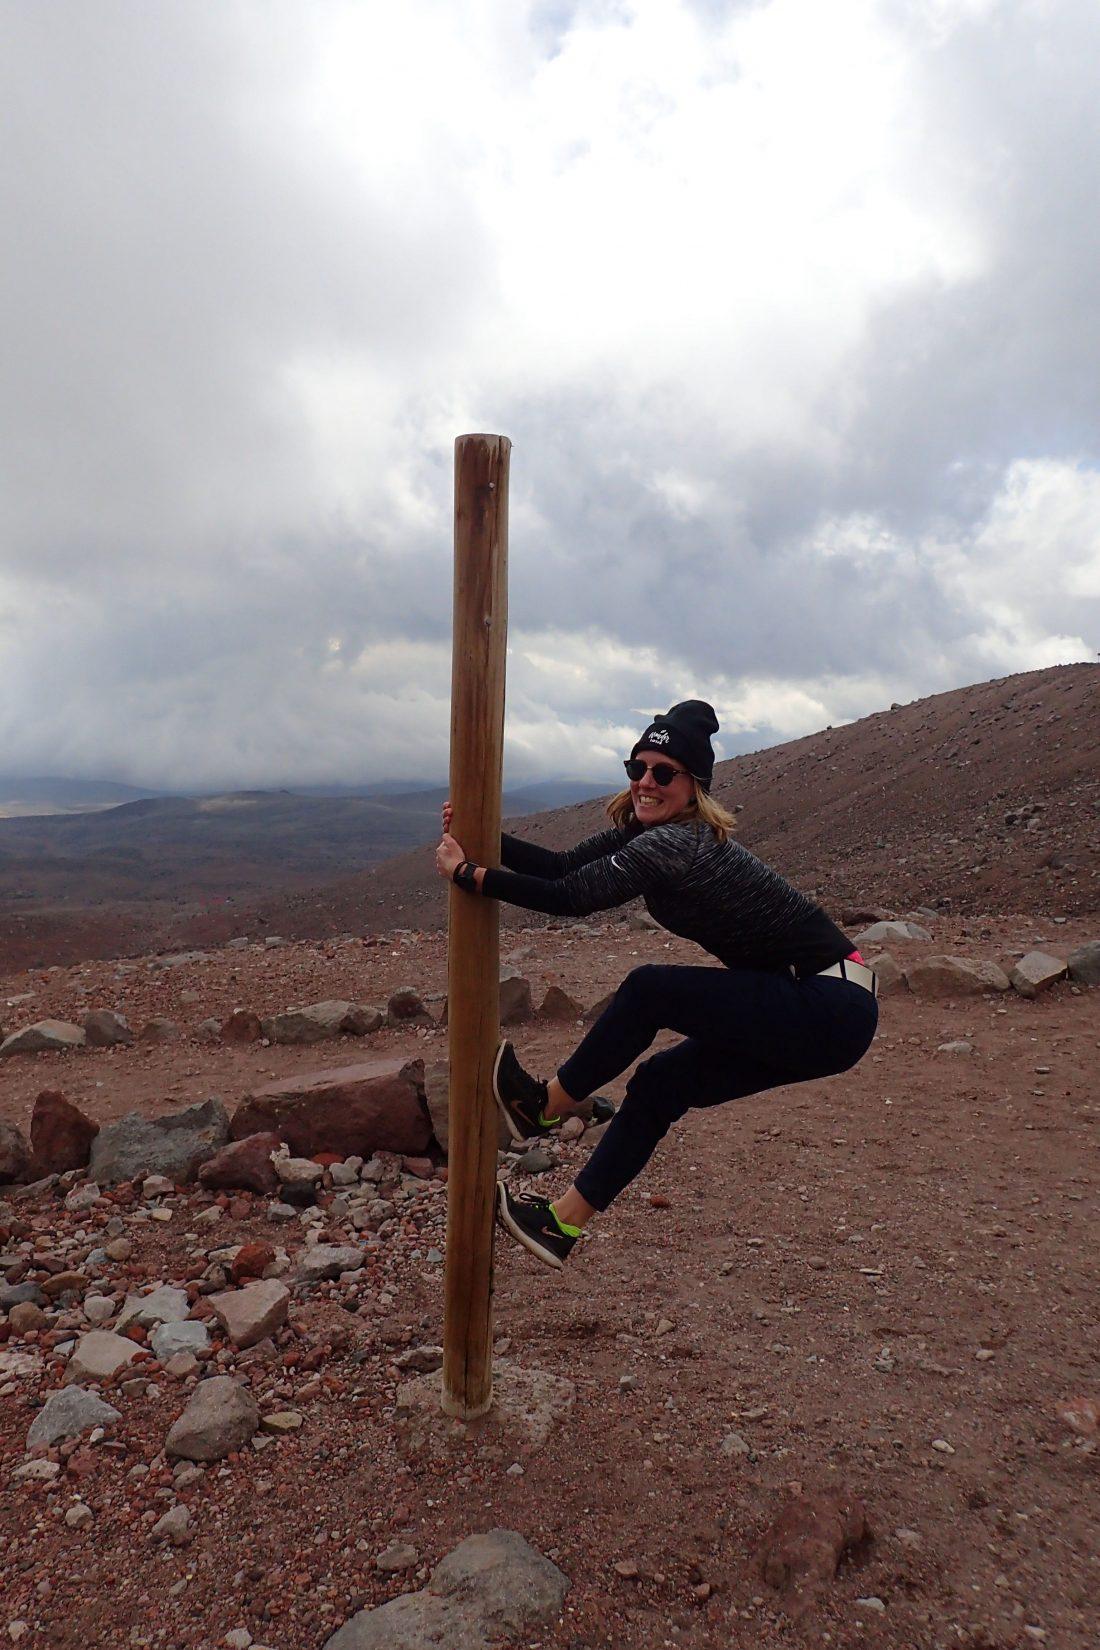 Tja ik en palen.. zelfs op 5100 meter hoogte klim ik er graag in! - Chimborazo - Wanderlotje